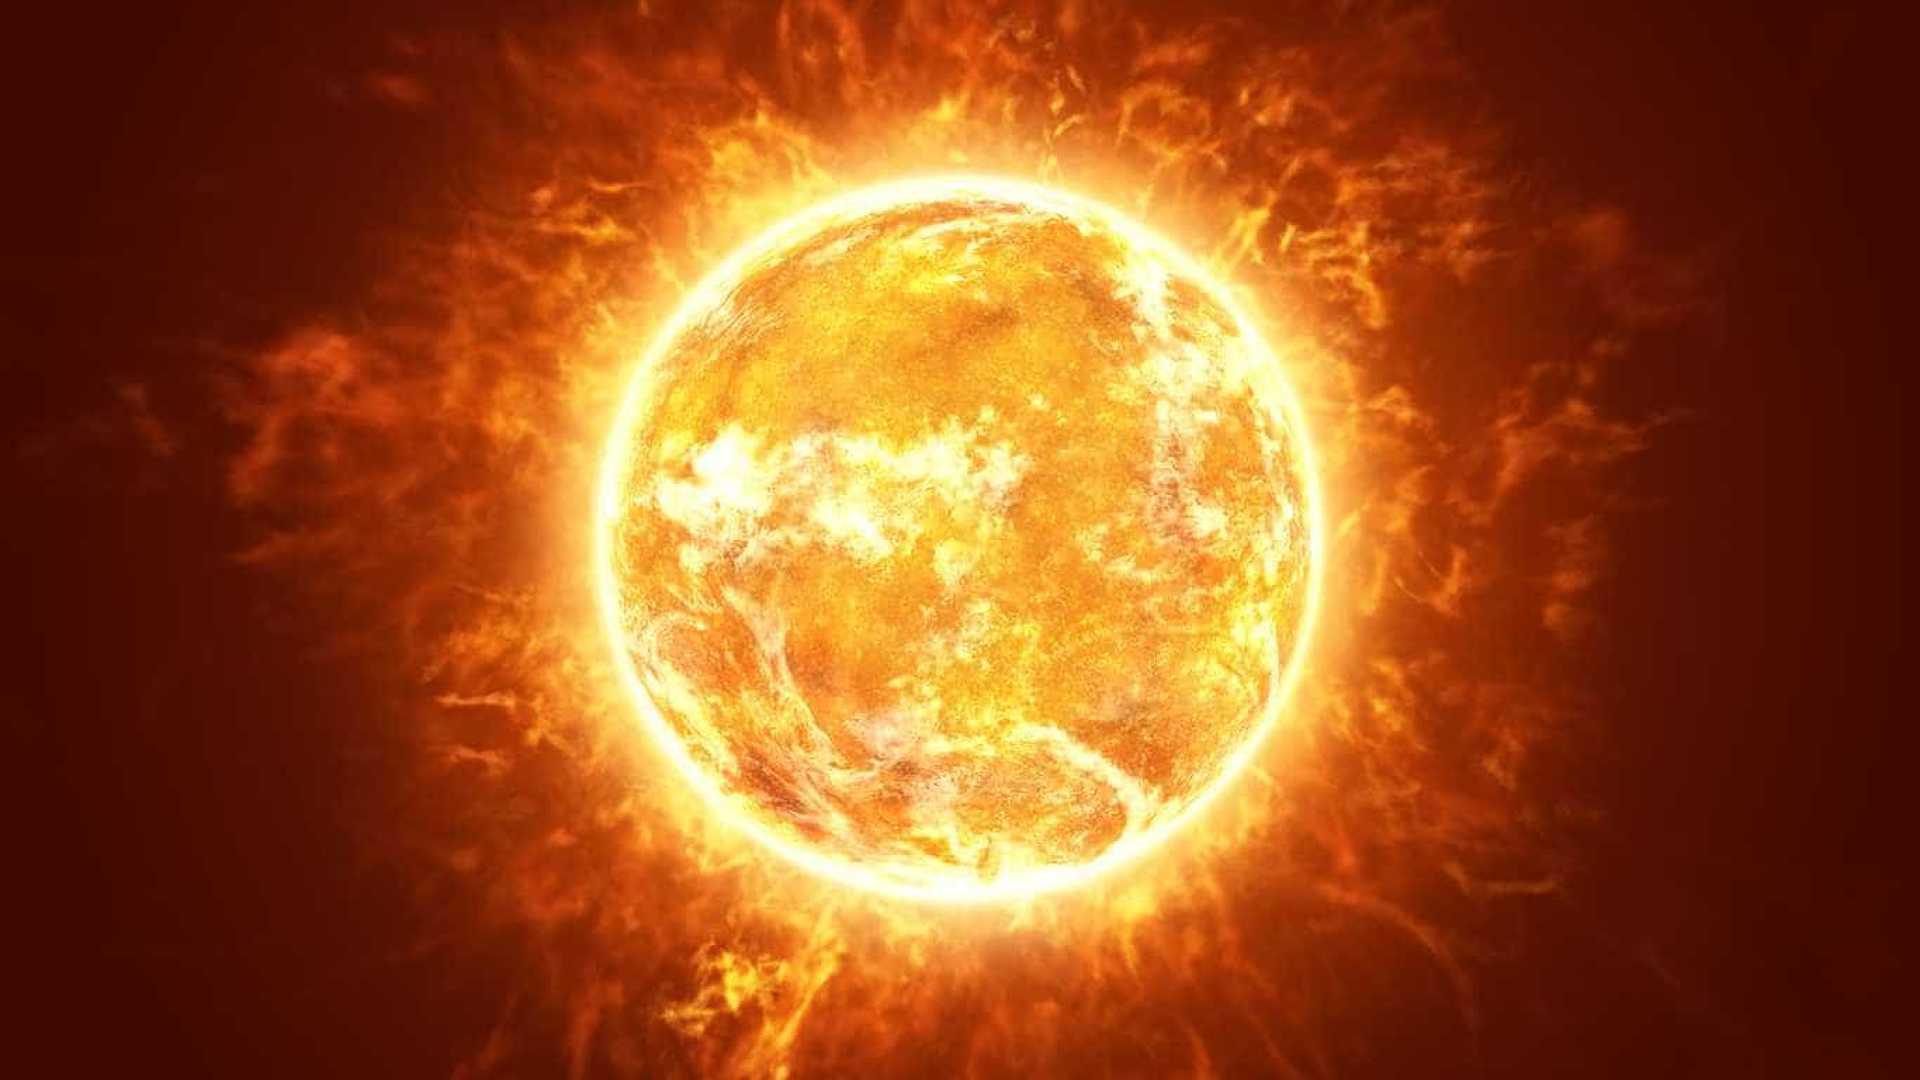 панели картинки огненного солнца чтобы